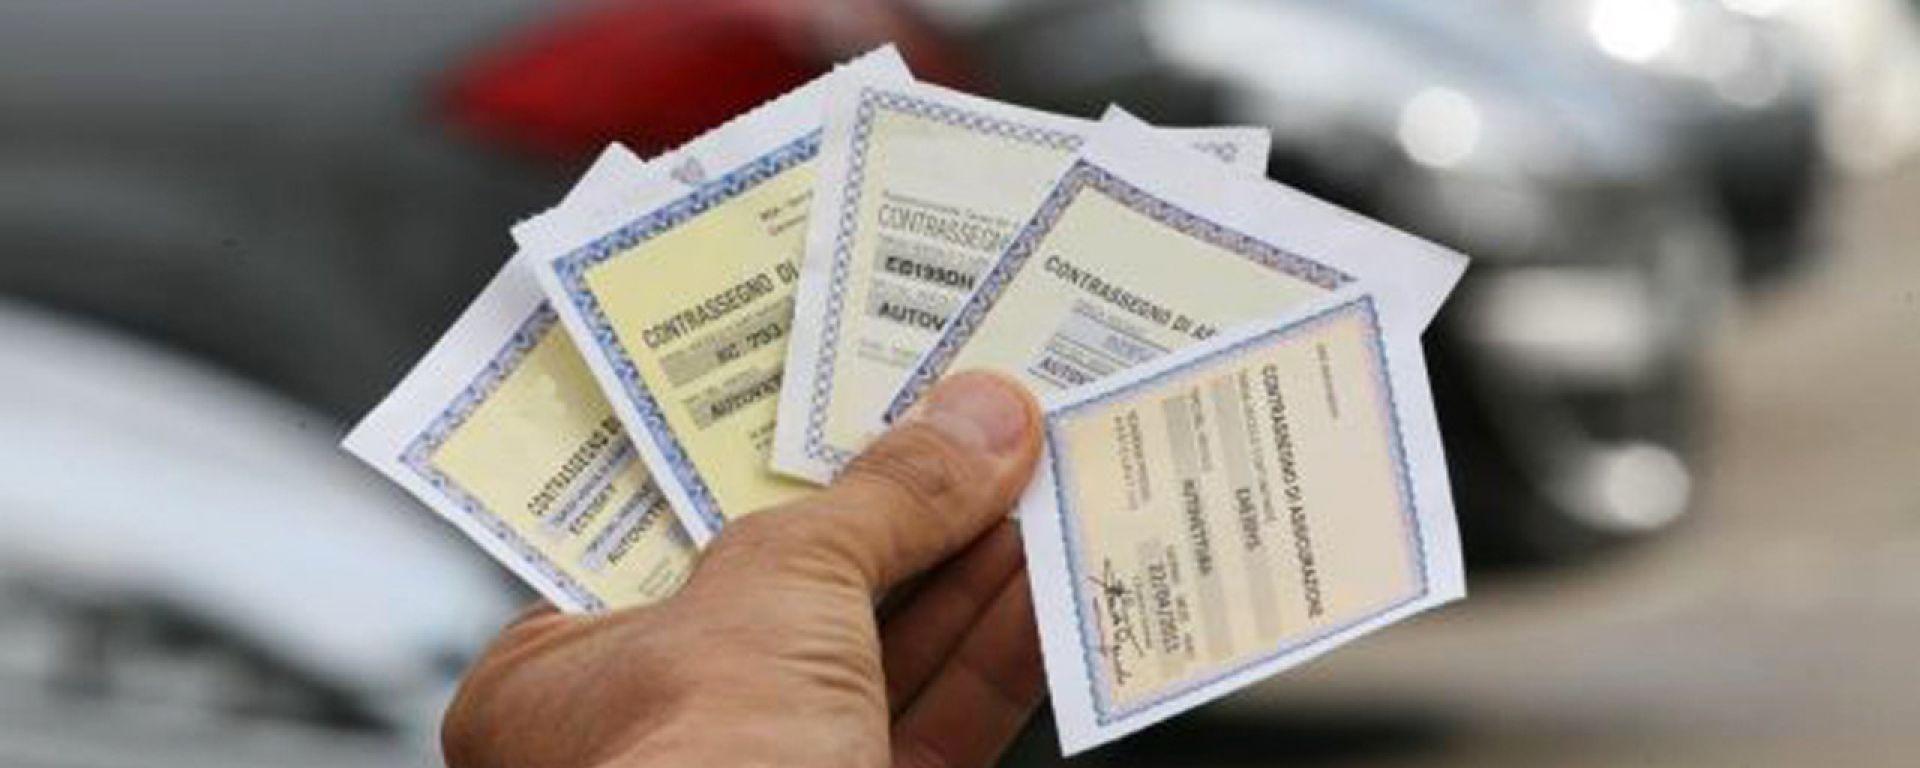 Assicurazione auto: calano i prezzi in quasi tutte le Regioni